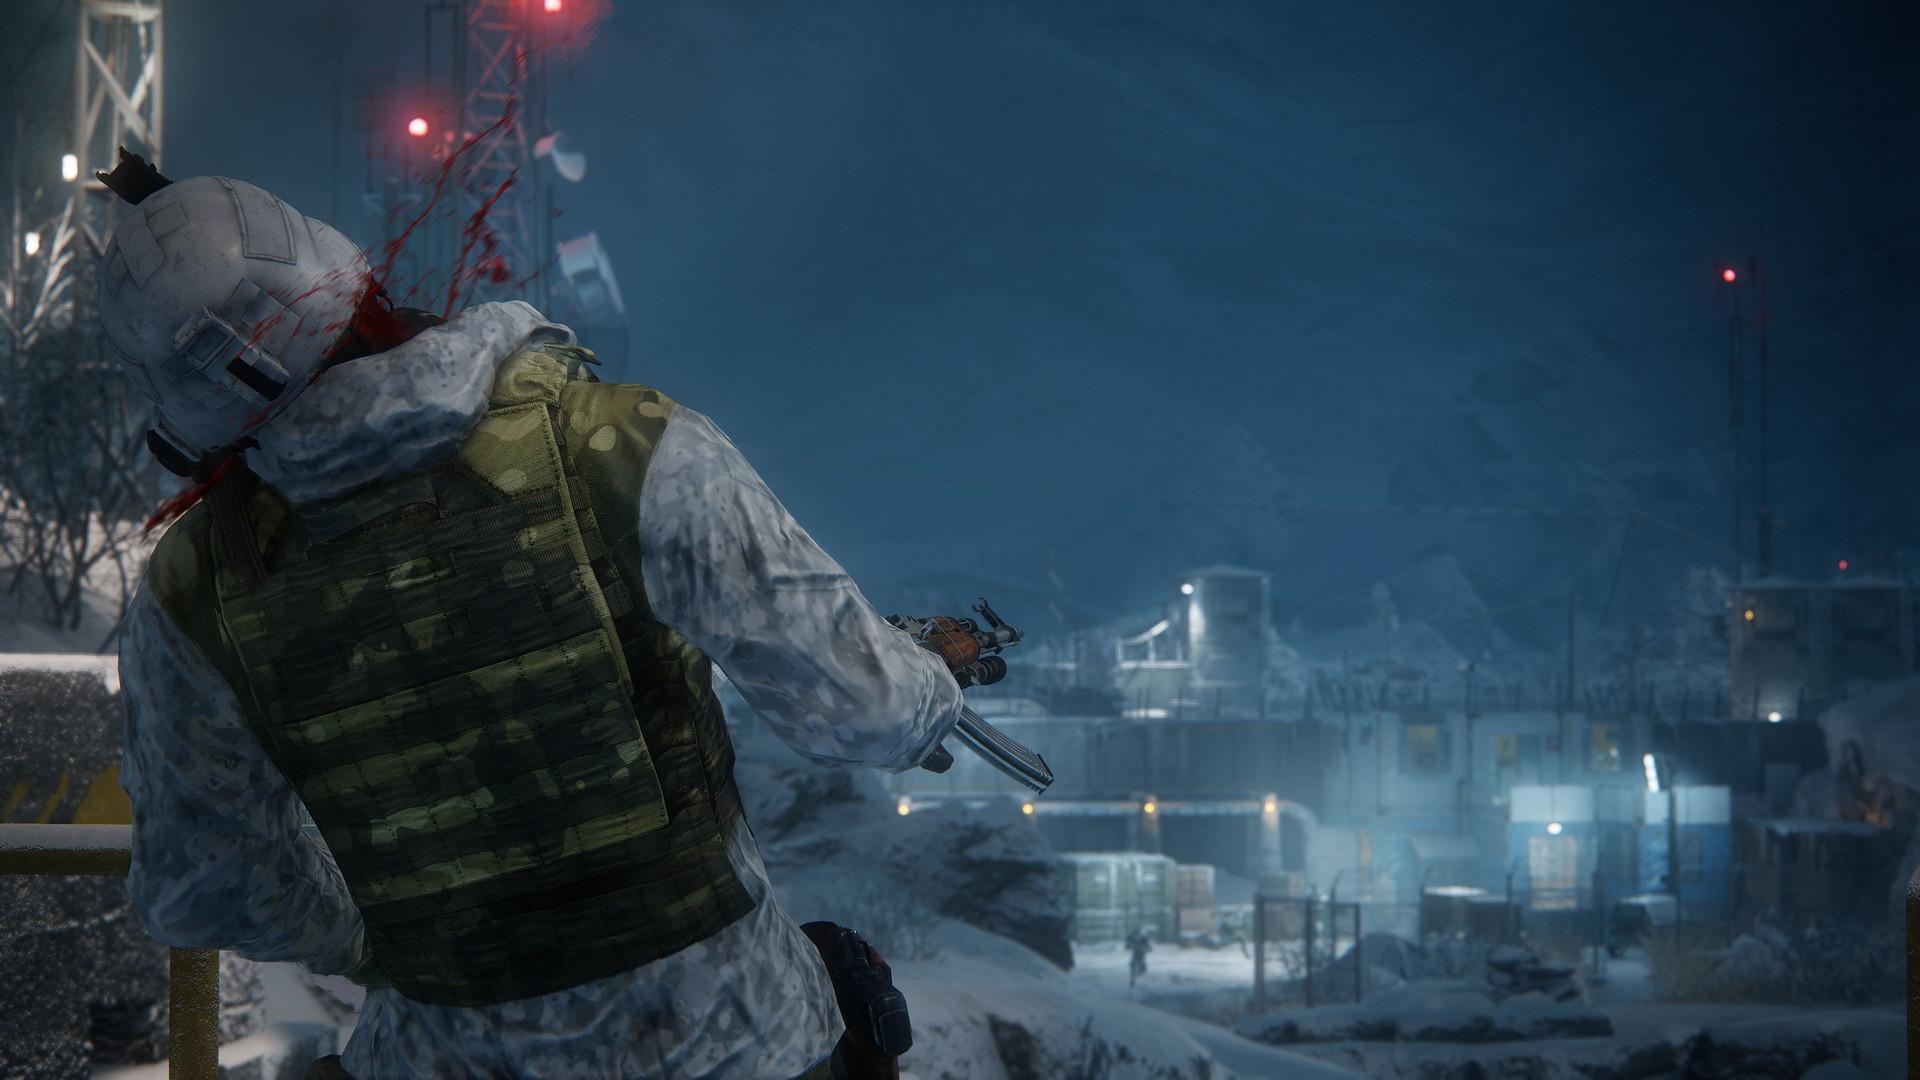 Снайперский шутер Sniper Ghost Warrior Contracts выйдет 22 ноября